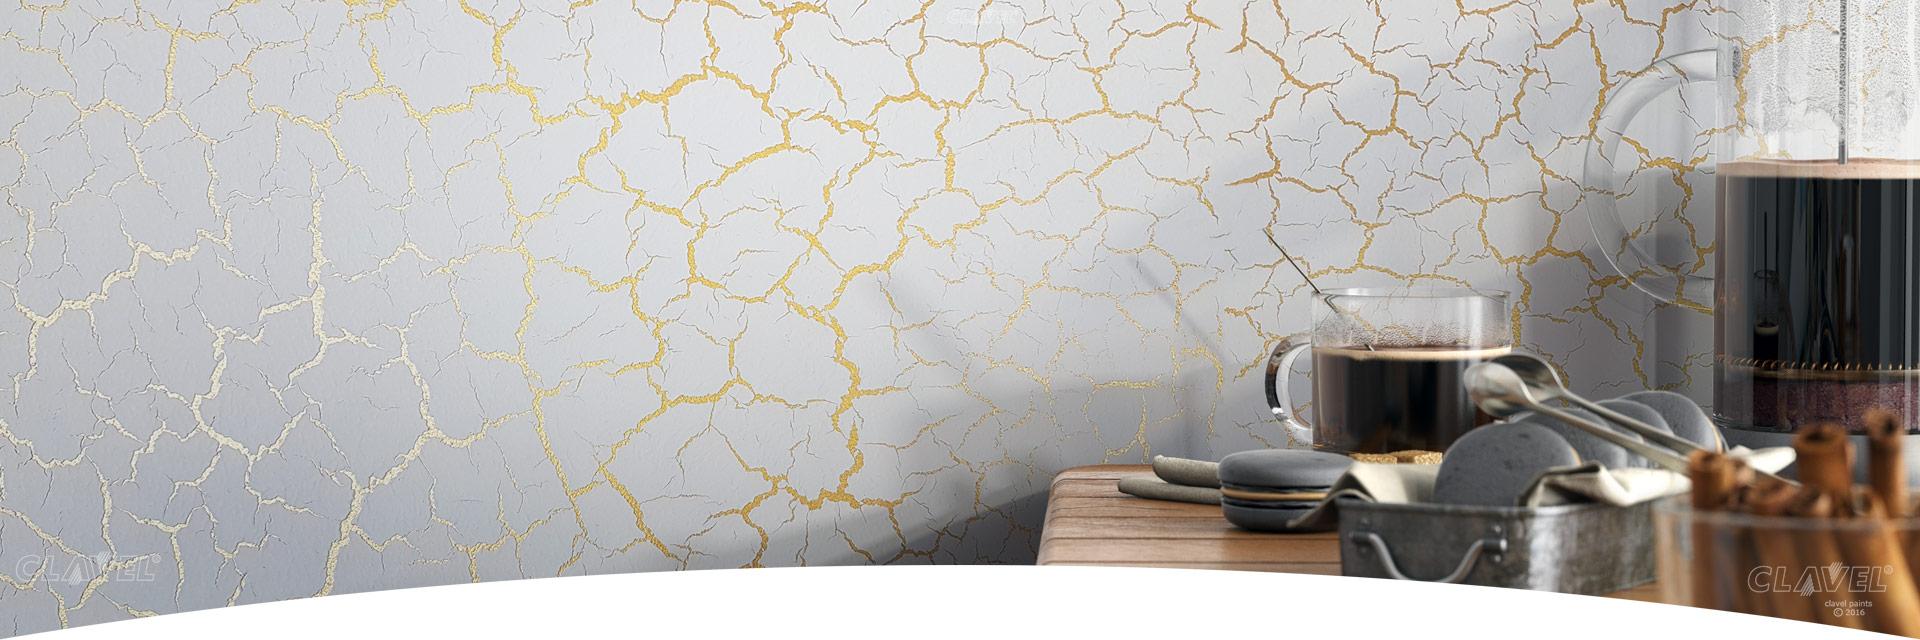 Декоративные краски с эффектом трещин - каталог эффектов